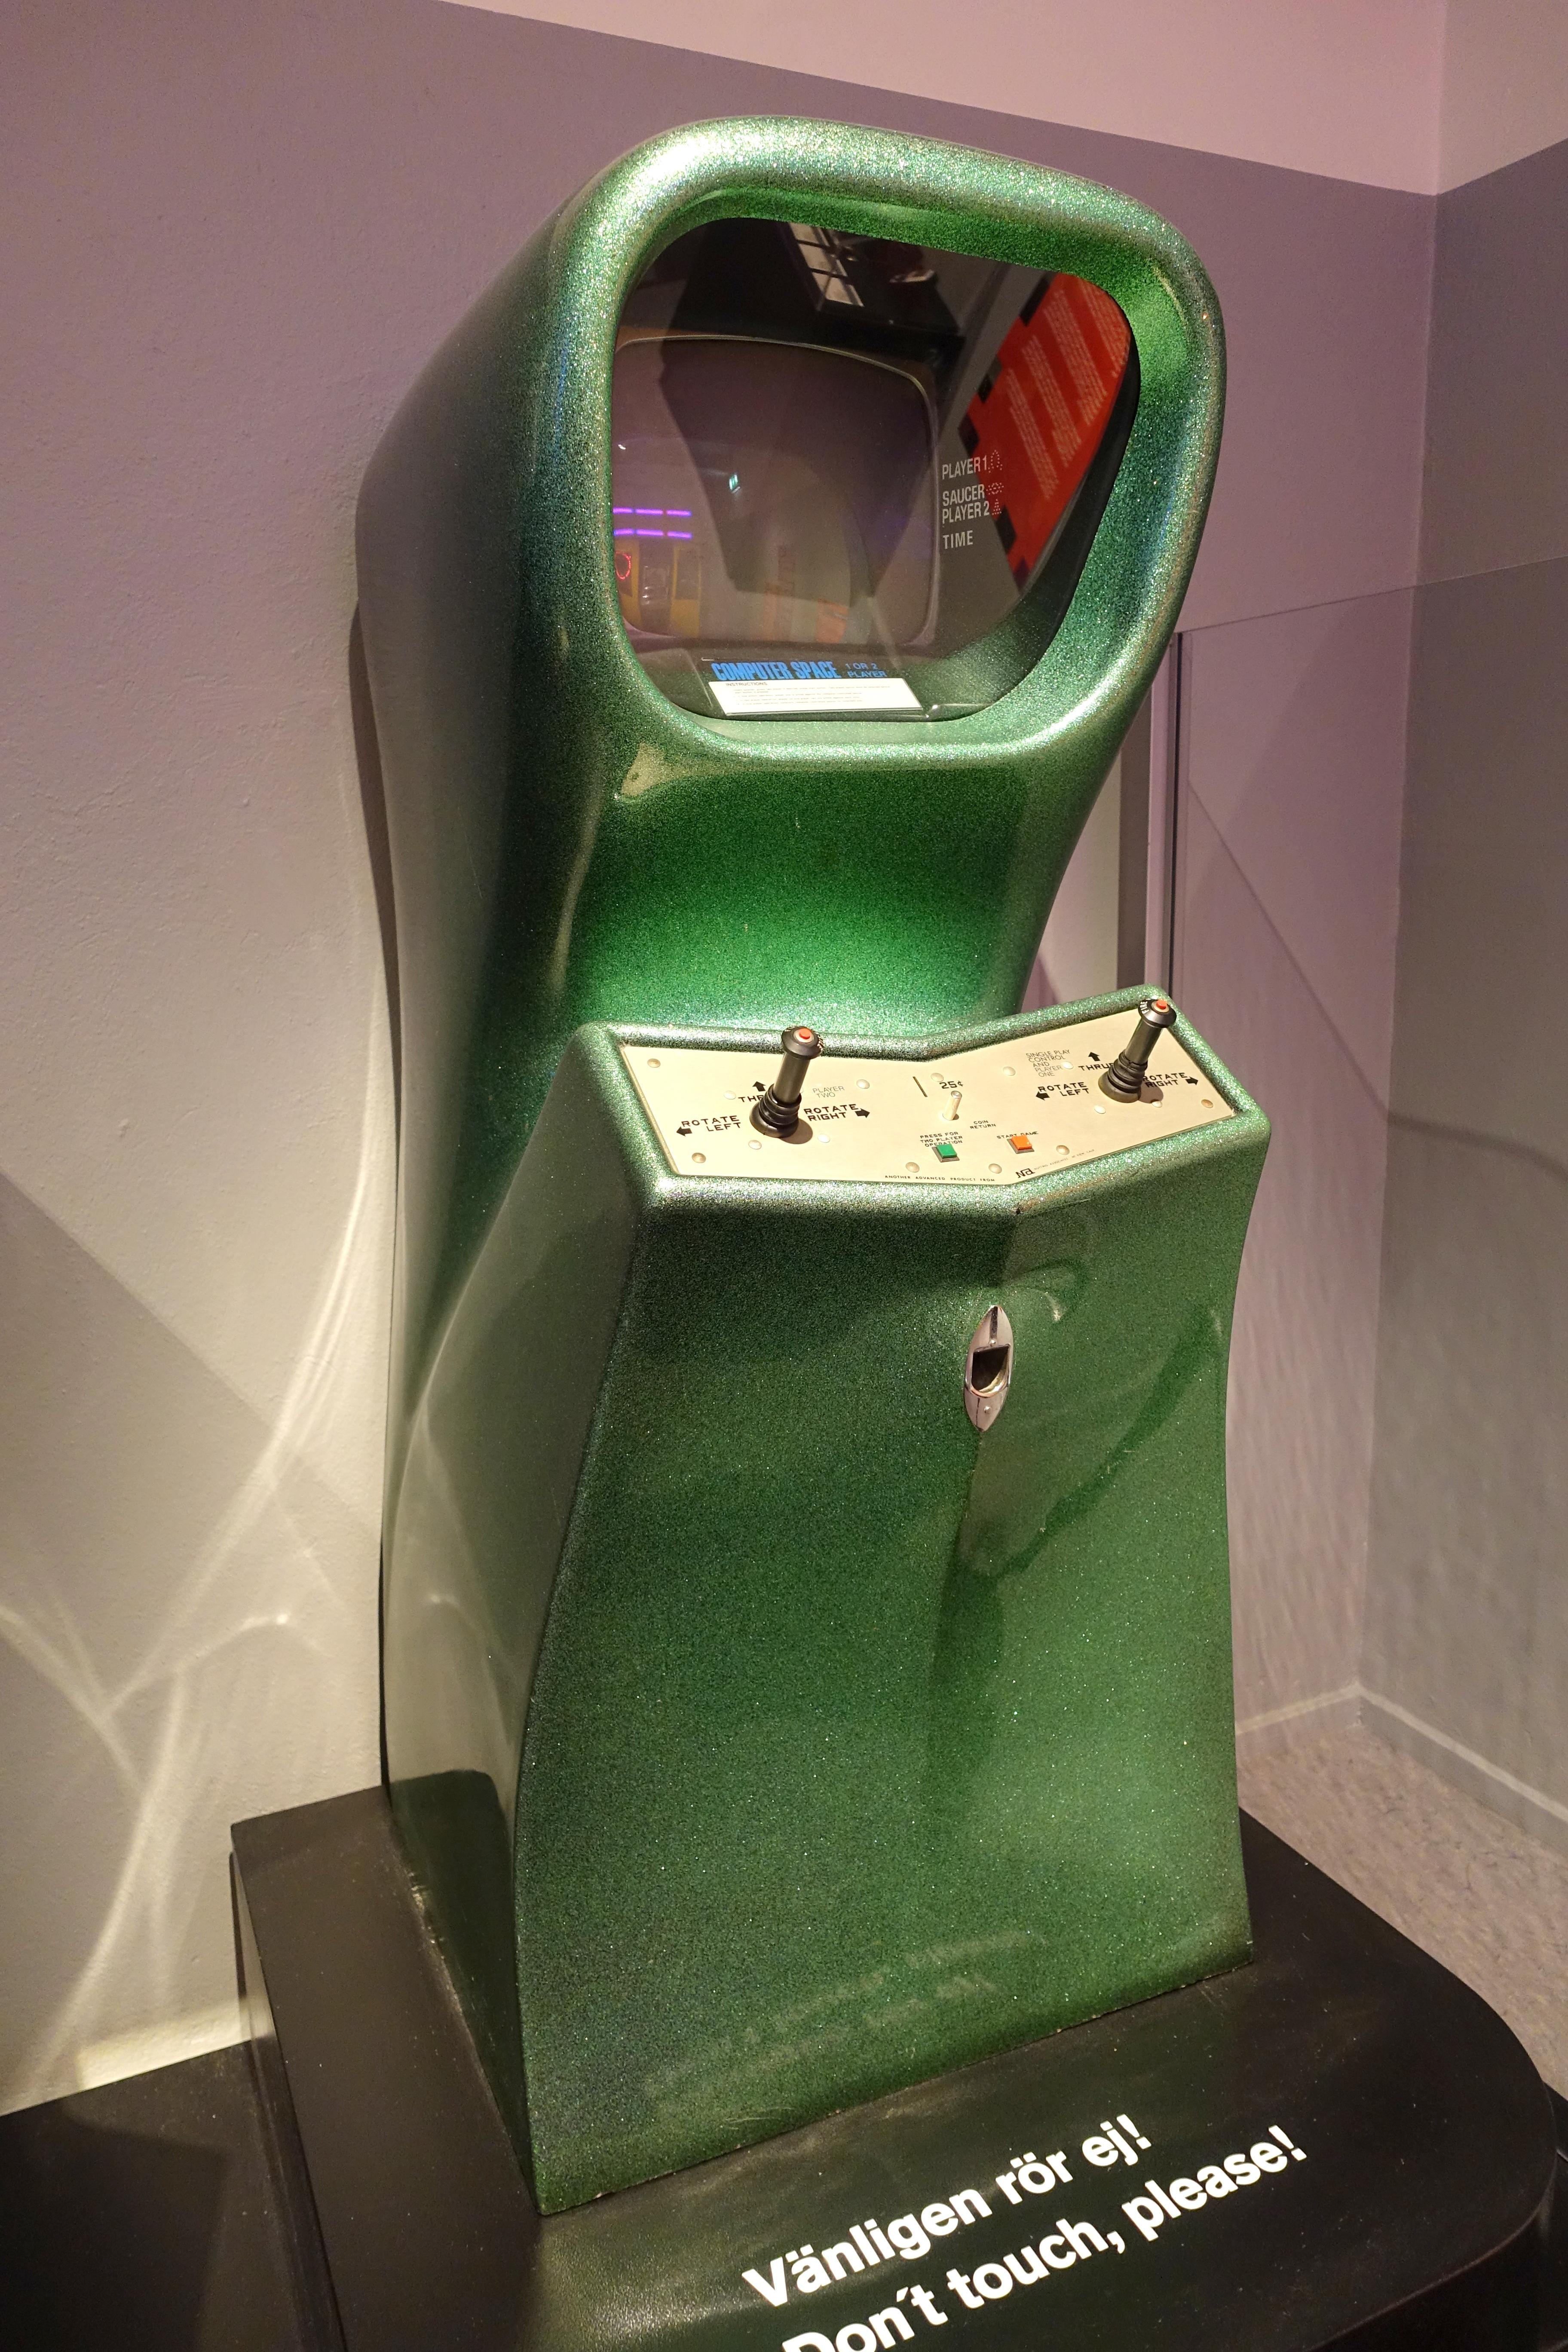 Computer space 1 hoặc 2 người chơi tại bảo tàng Stocklom, Thụy Điển